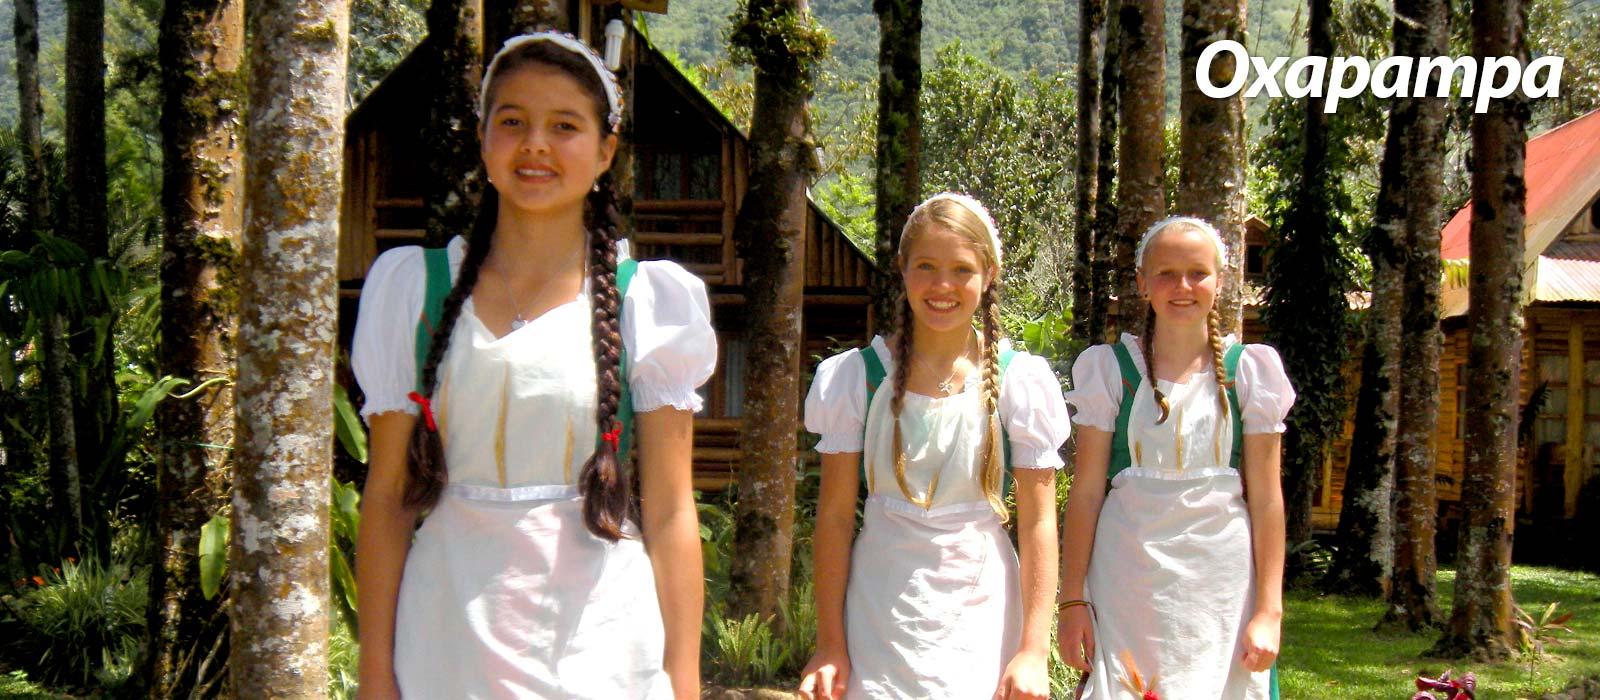 Chicas Oxapampinas